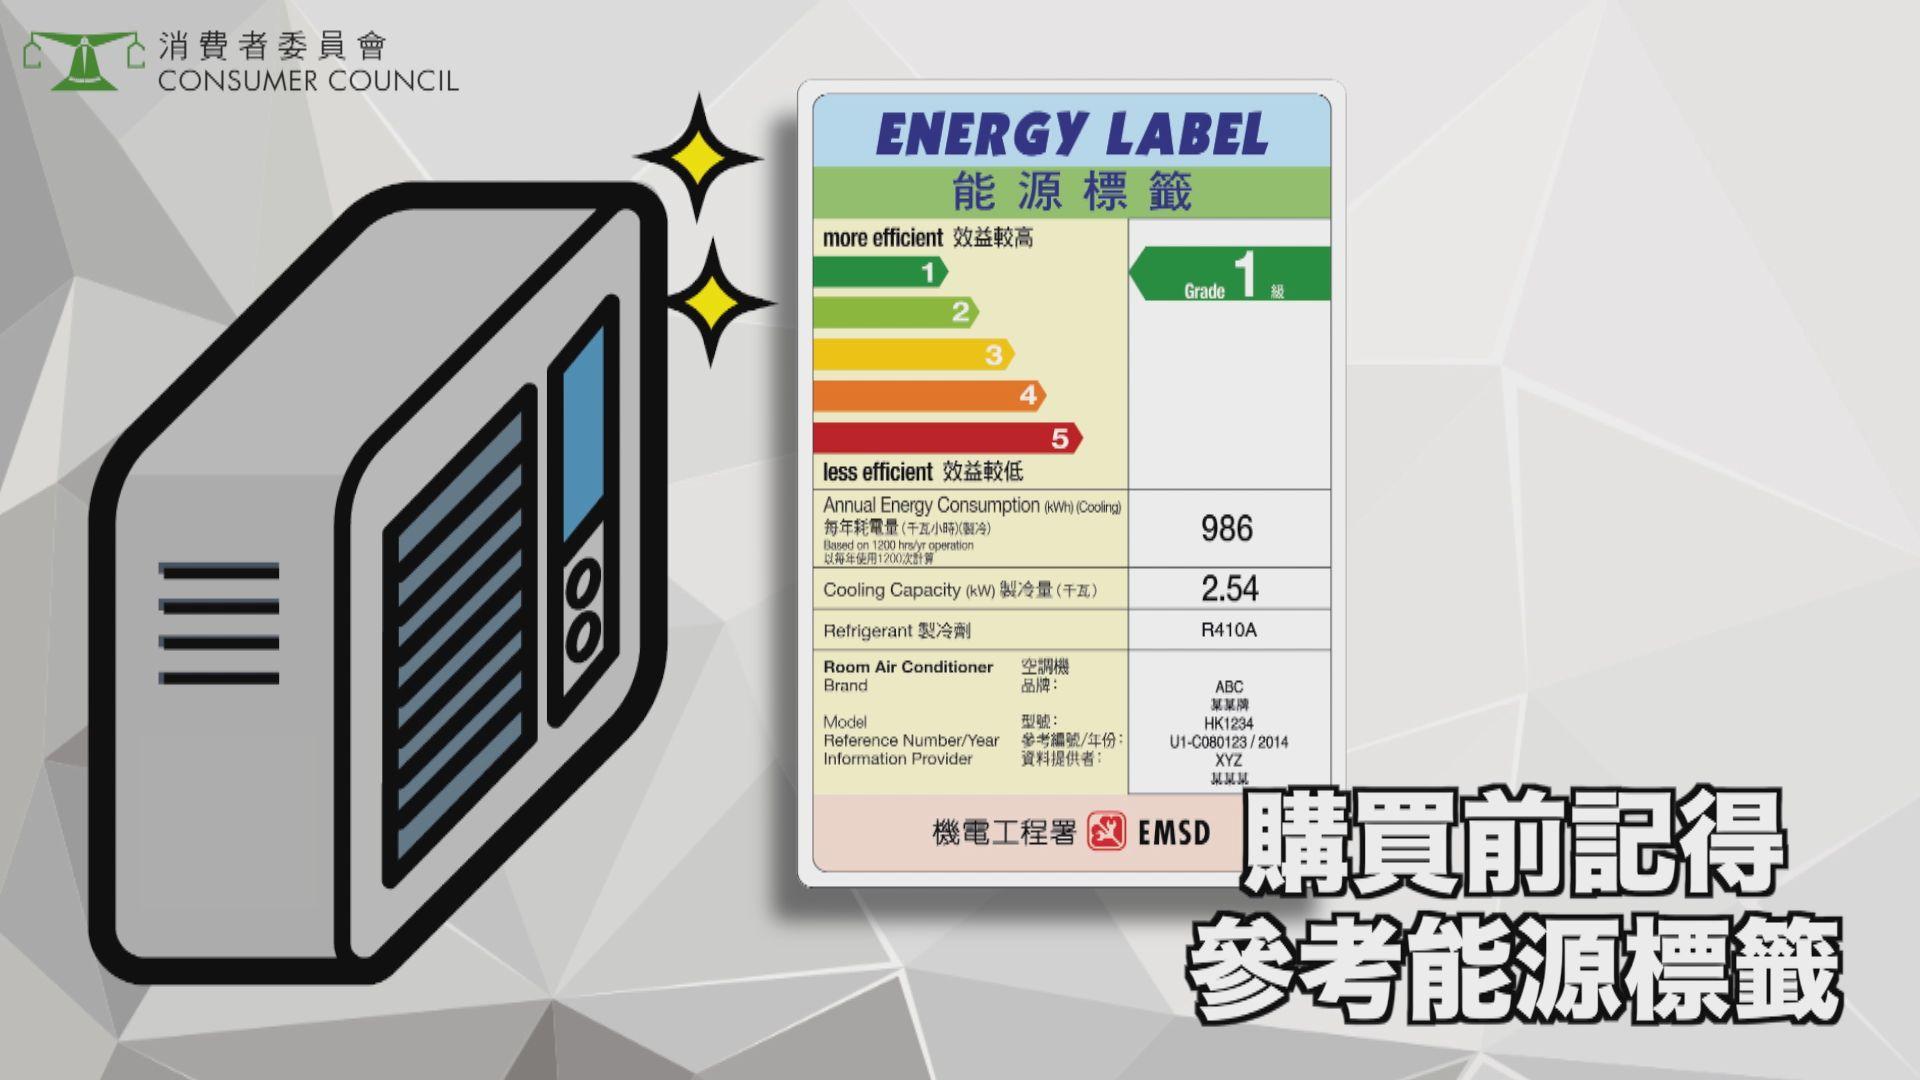 一款冷氣機能源效益標籤與實際不符